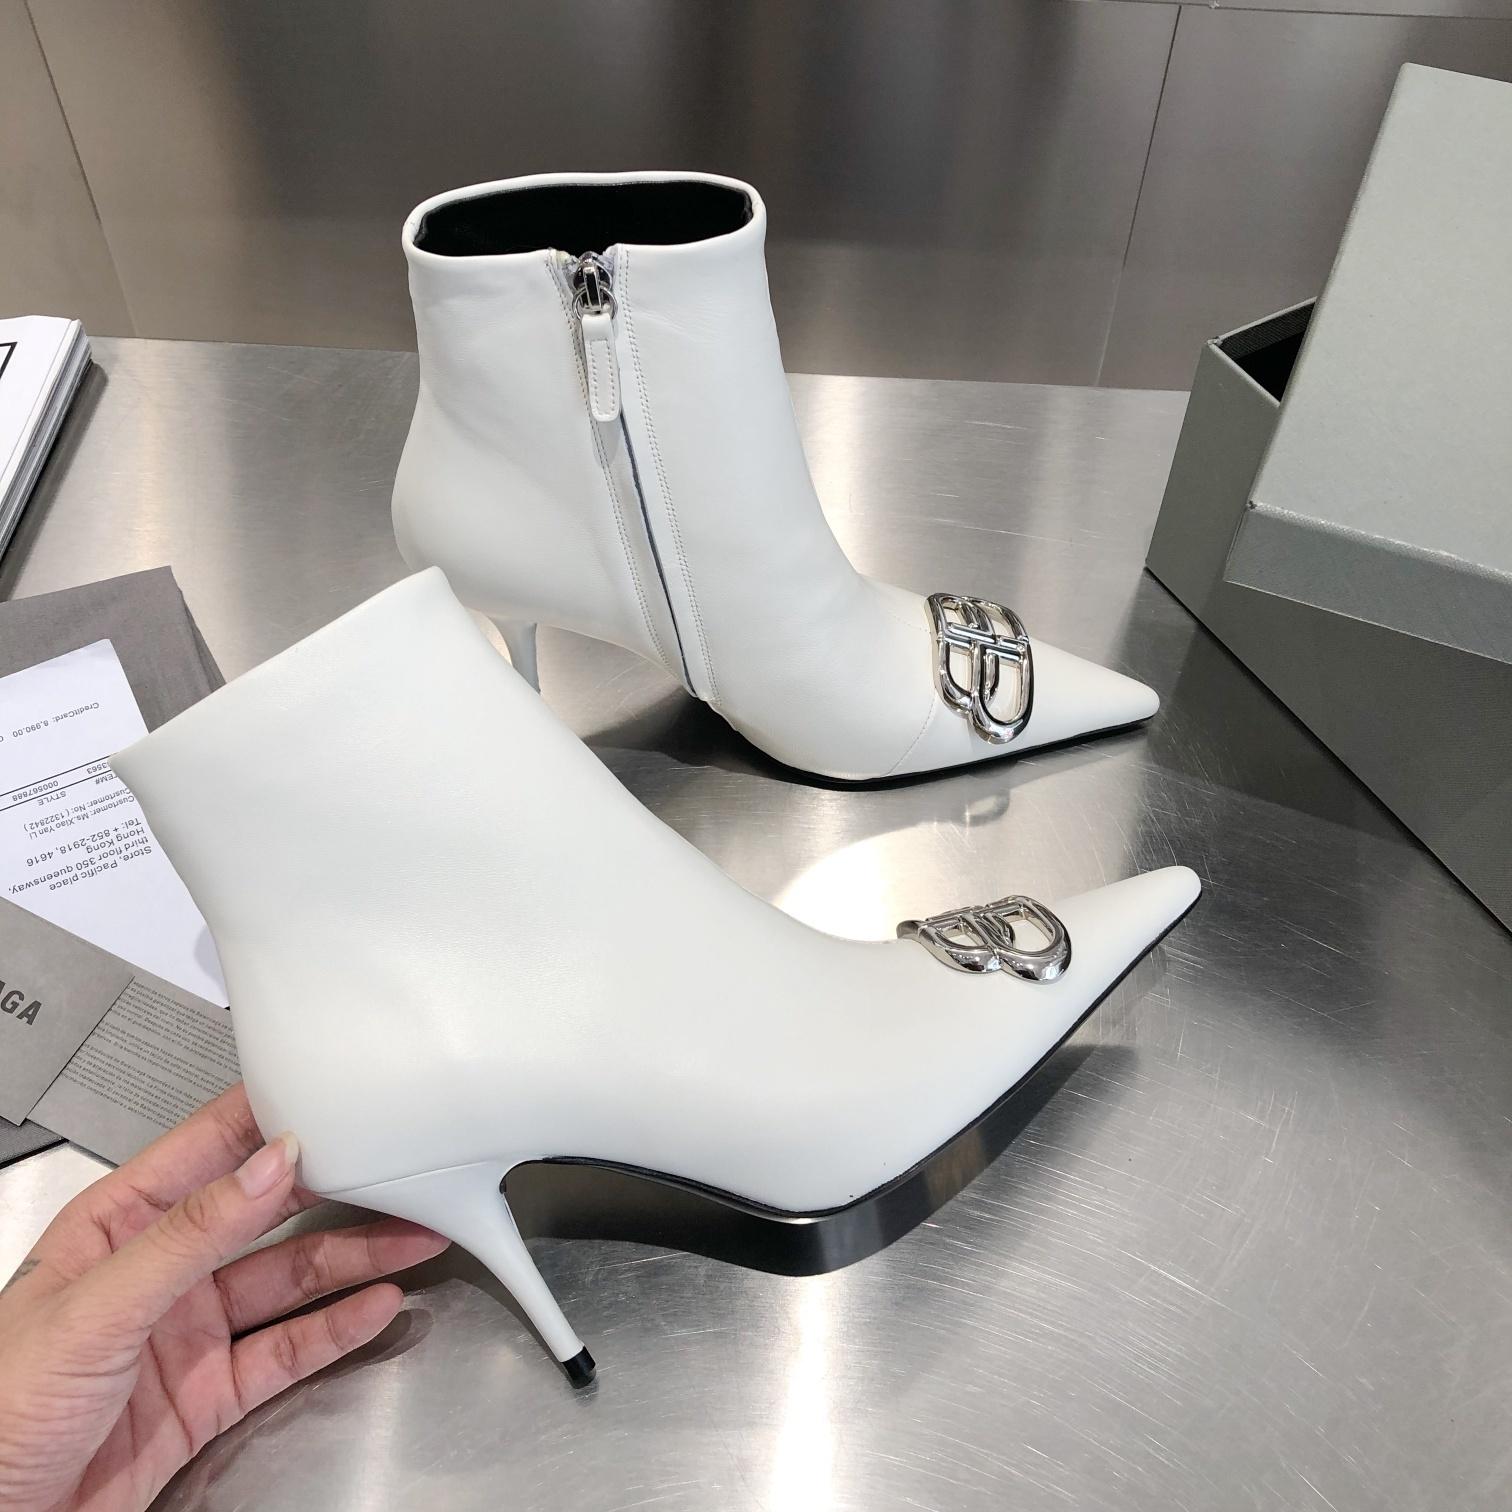 Фото Ботинки на высоком каблуке с острым носком - ukrfashion.com.ua